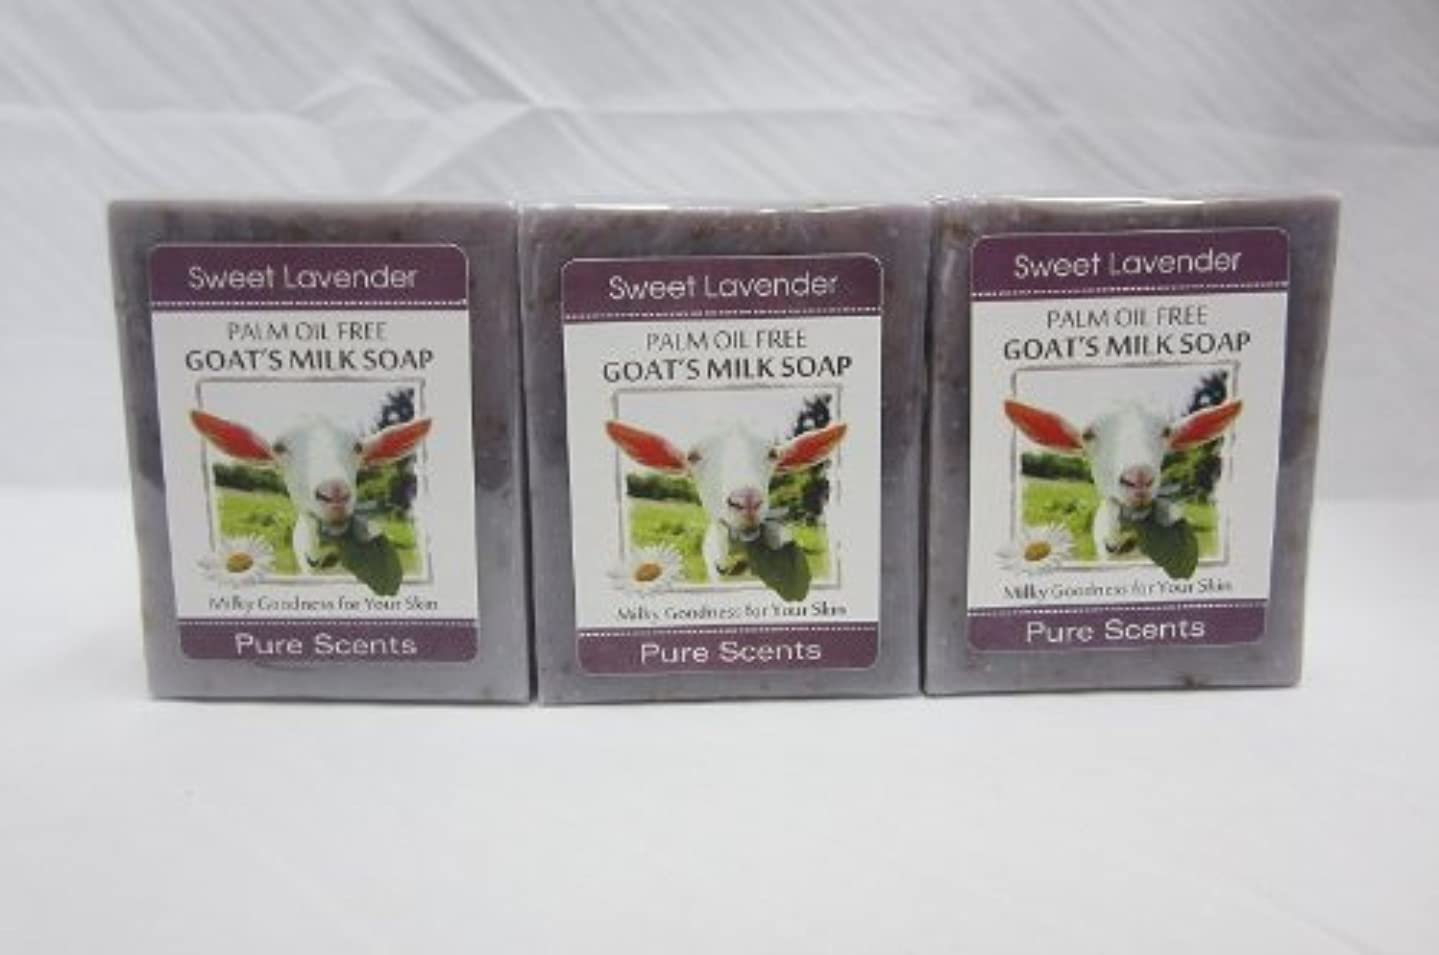 露アカウント動員する【Pure Scents】Goat's Milk Soap ヤギのミルクせっけん 3個セット Sweet Lavender スイートラベンダー